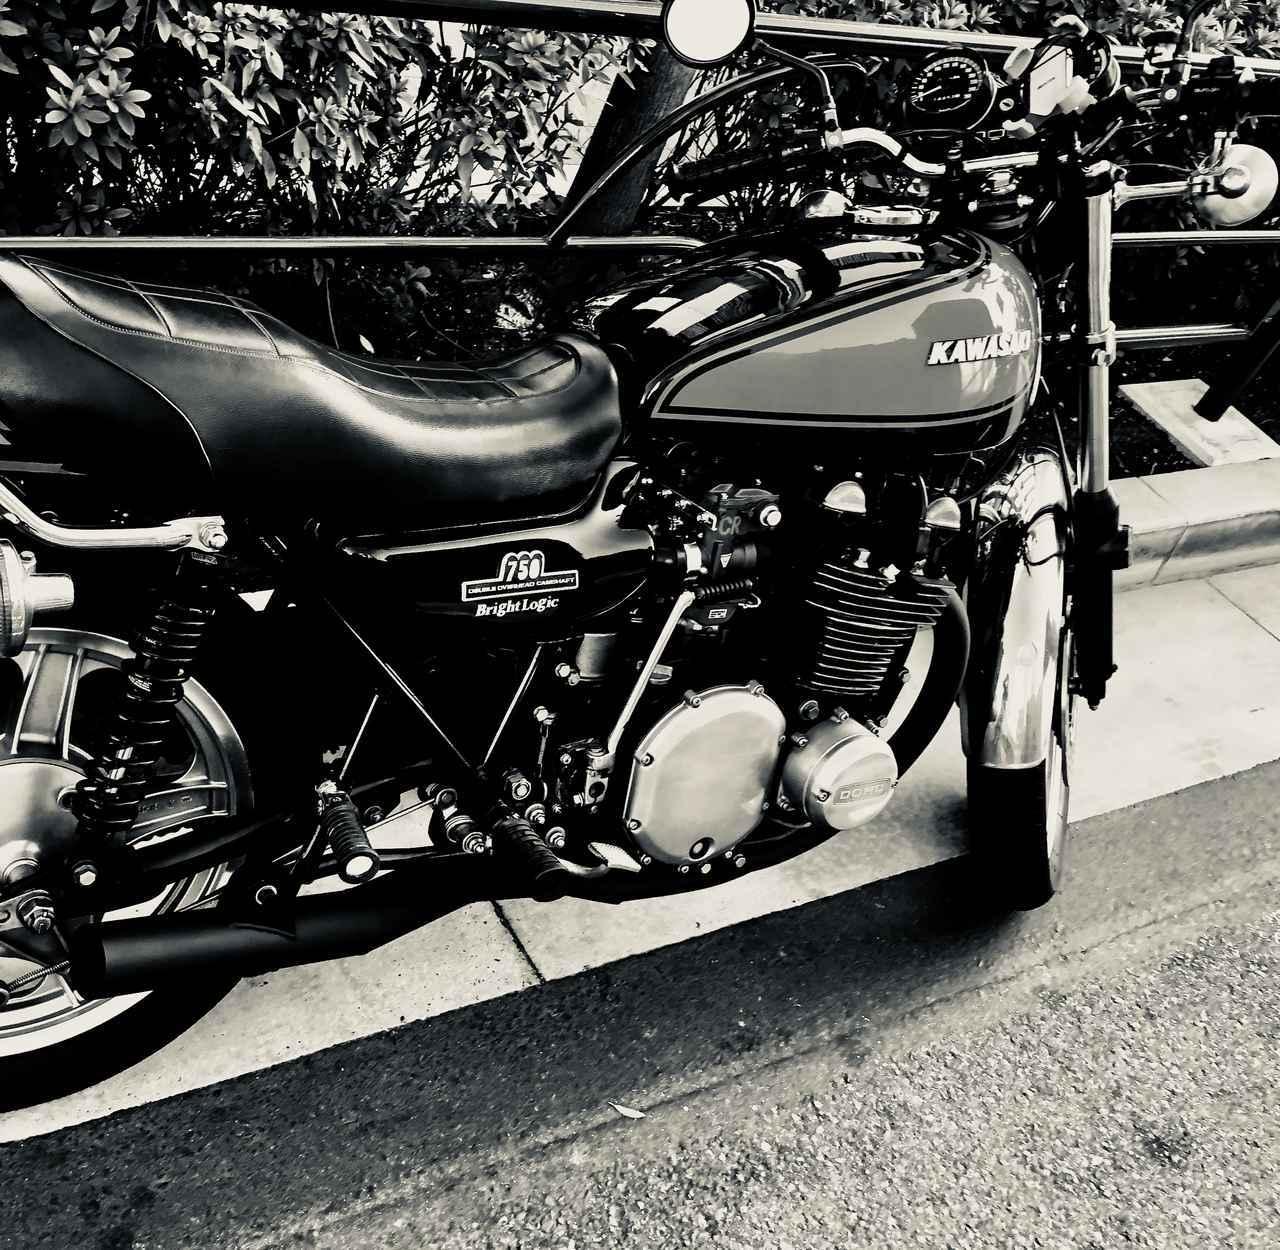 画像: 勝負だ!Kawasaki Z900RS vs KAWASAKI 750RS(Z2) - LAWRENCE - Motorcycle x Cars + α = Your Life.